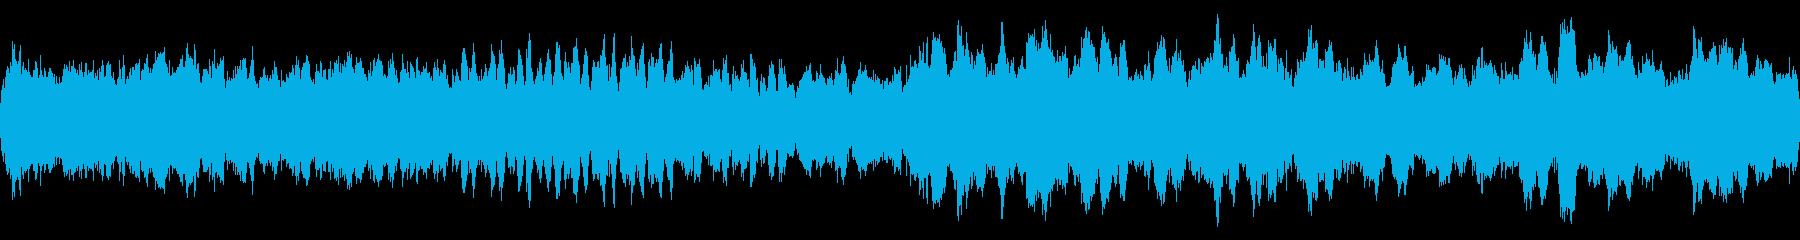 旧版RPG向けオーケストラ曲『悲愴』の再生済みの波形